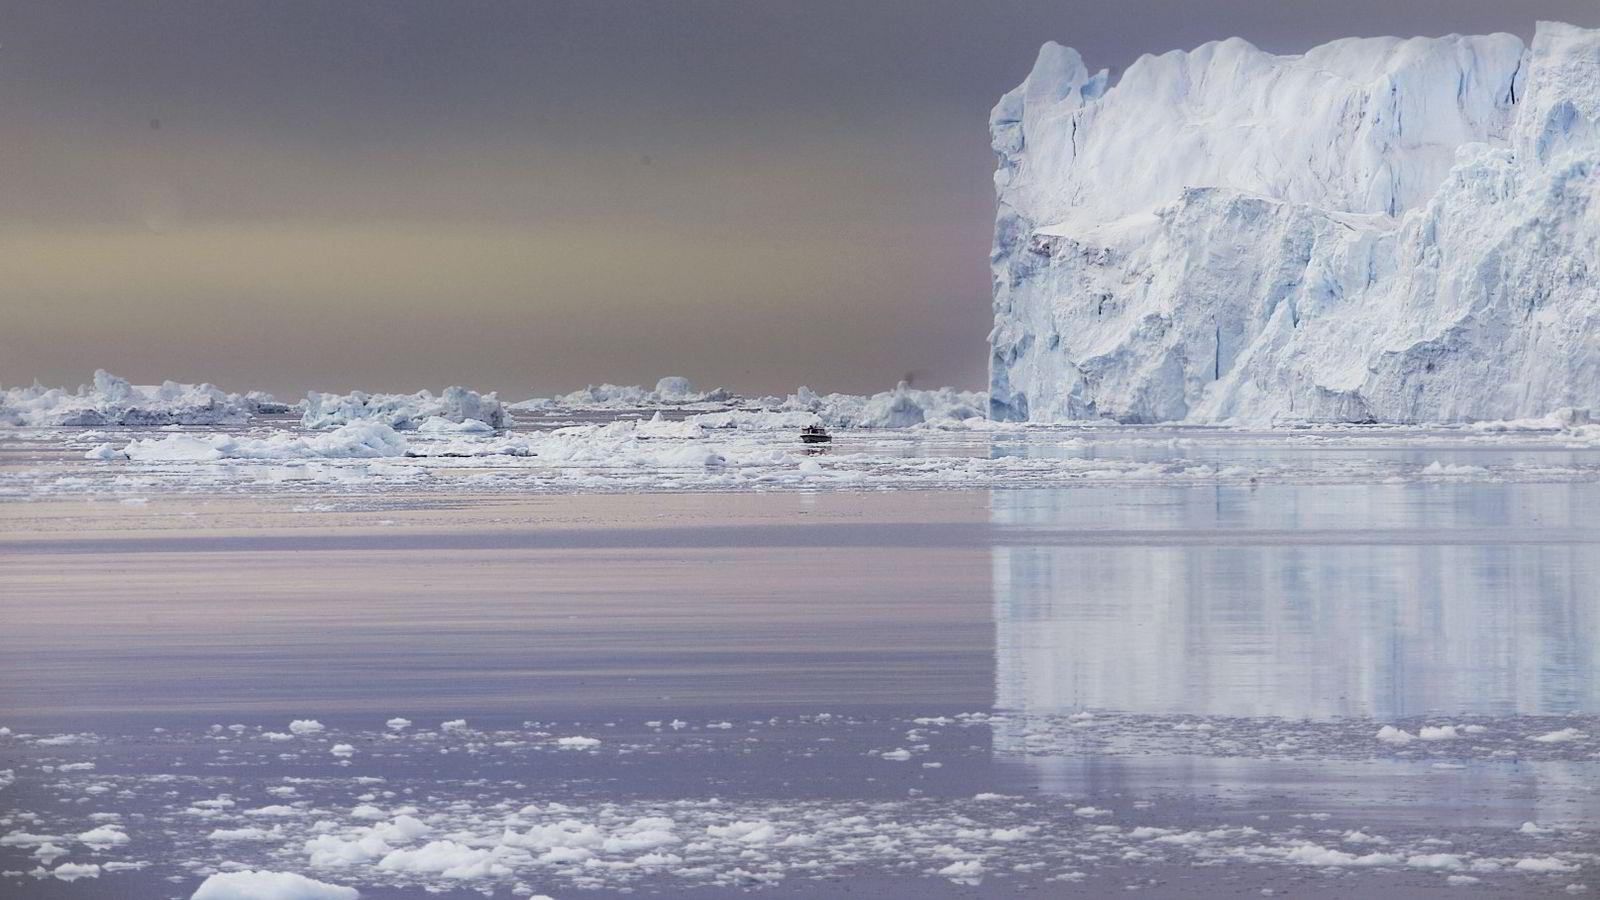 Havnivået i verden vil trolig fortsette å stige i tusenvis av år på grunn av våre CO2-utslipp i dag. Foto: Jan-Morten Bjørnbakk, SCANPIX .